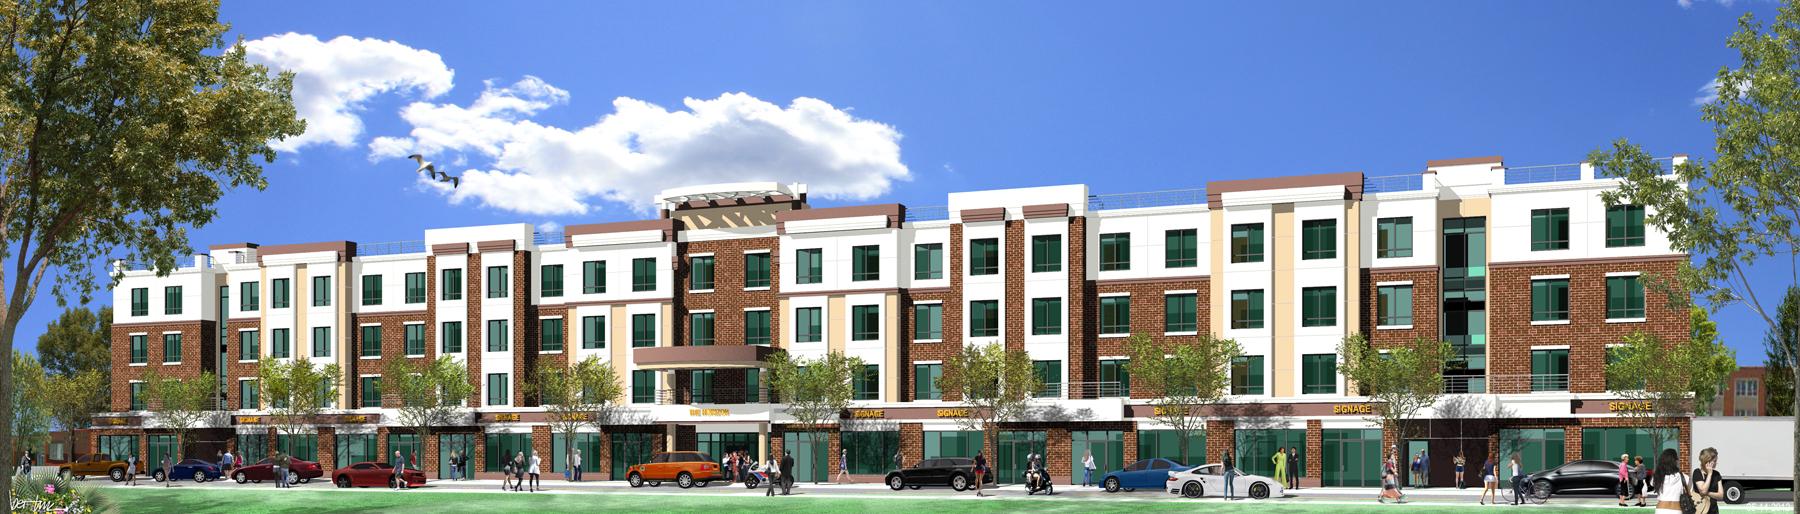 The Horizon Student Housing